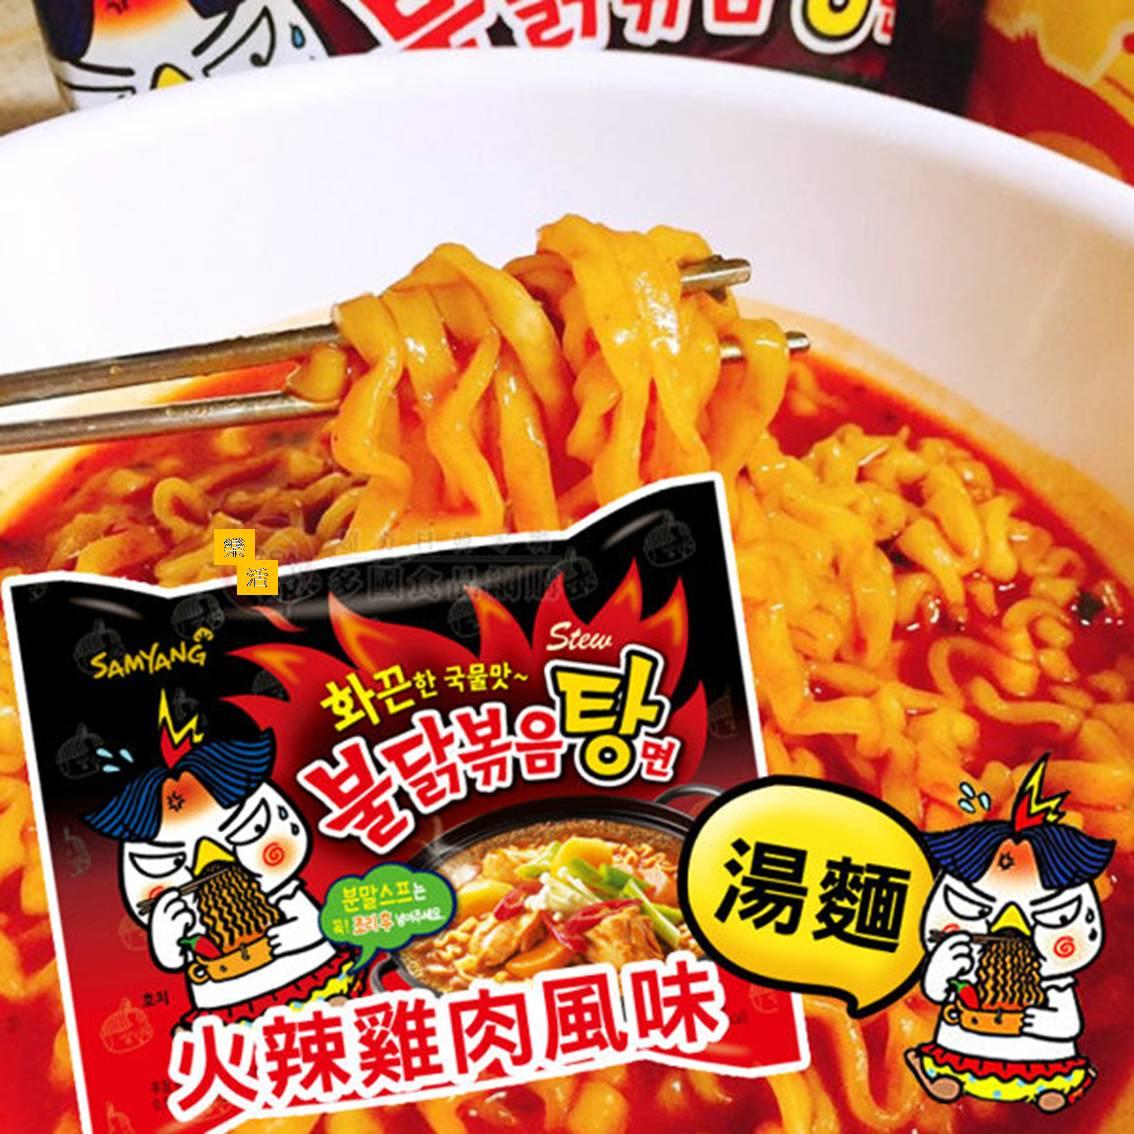 下殺↘$35 韓國三養火辣雞肉風味湯麵(145g) 泡麵 2017.4.17【樂活生活館】